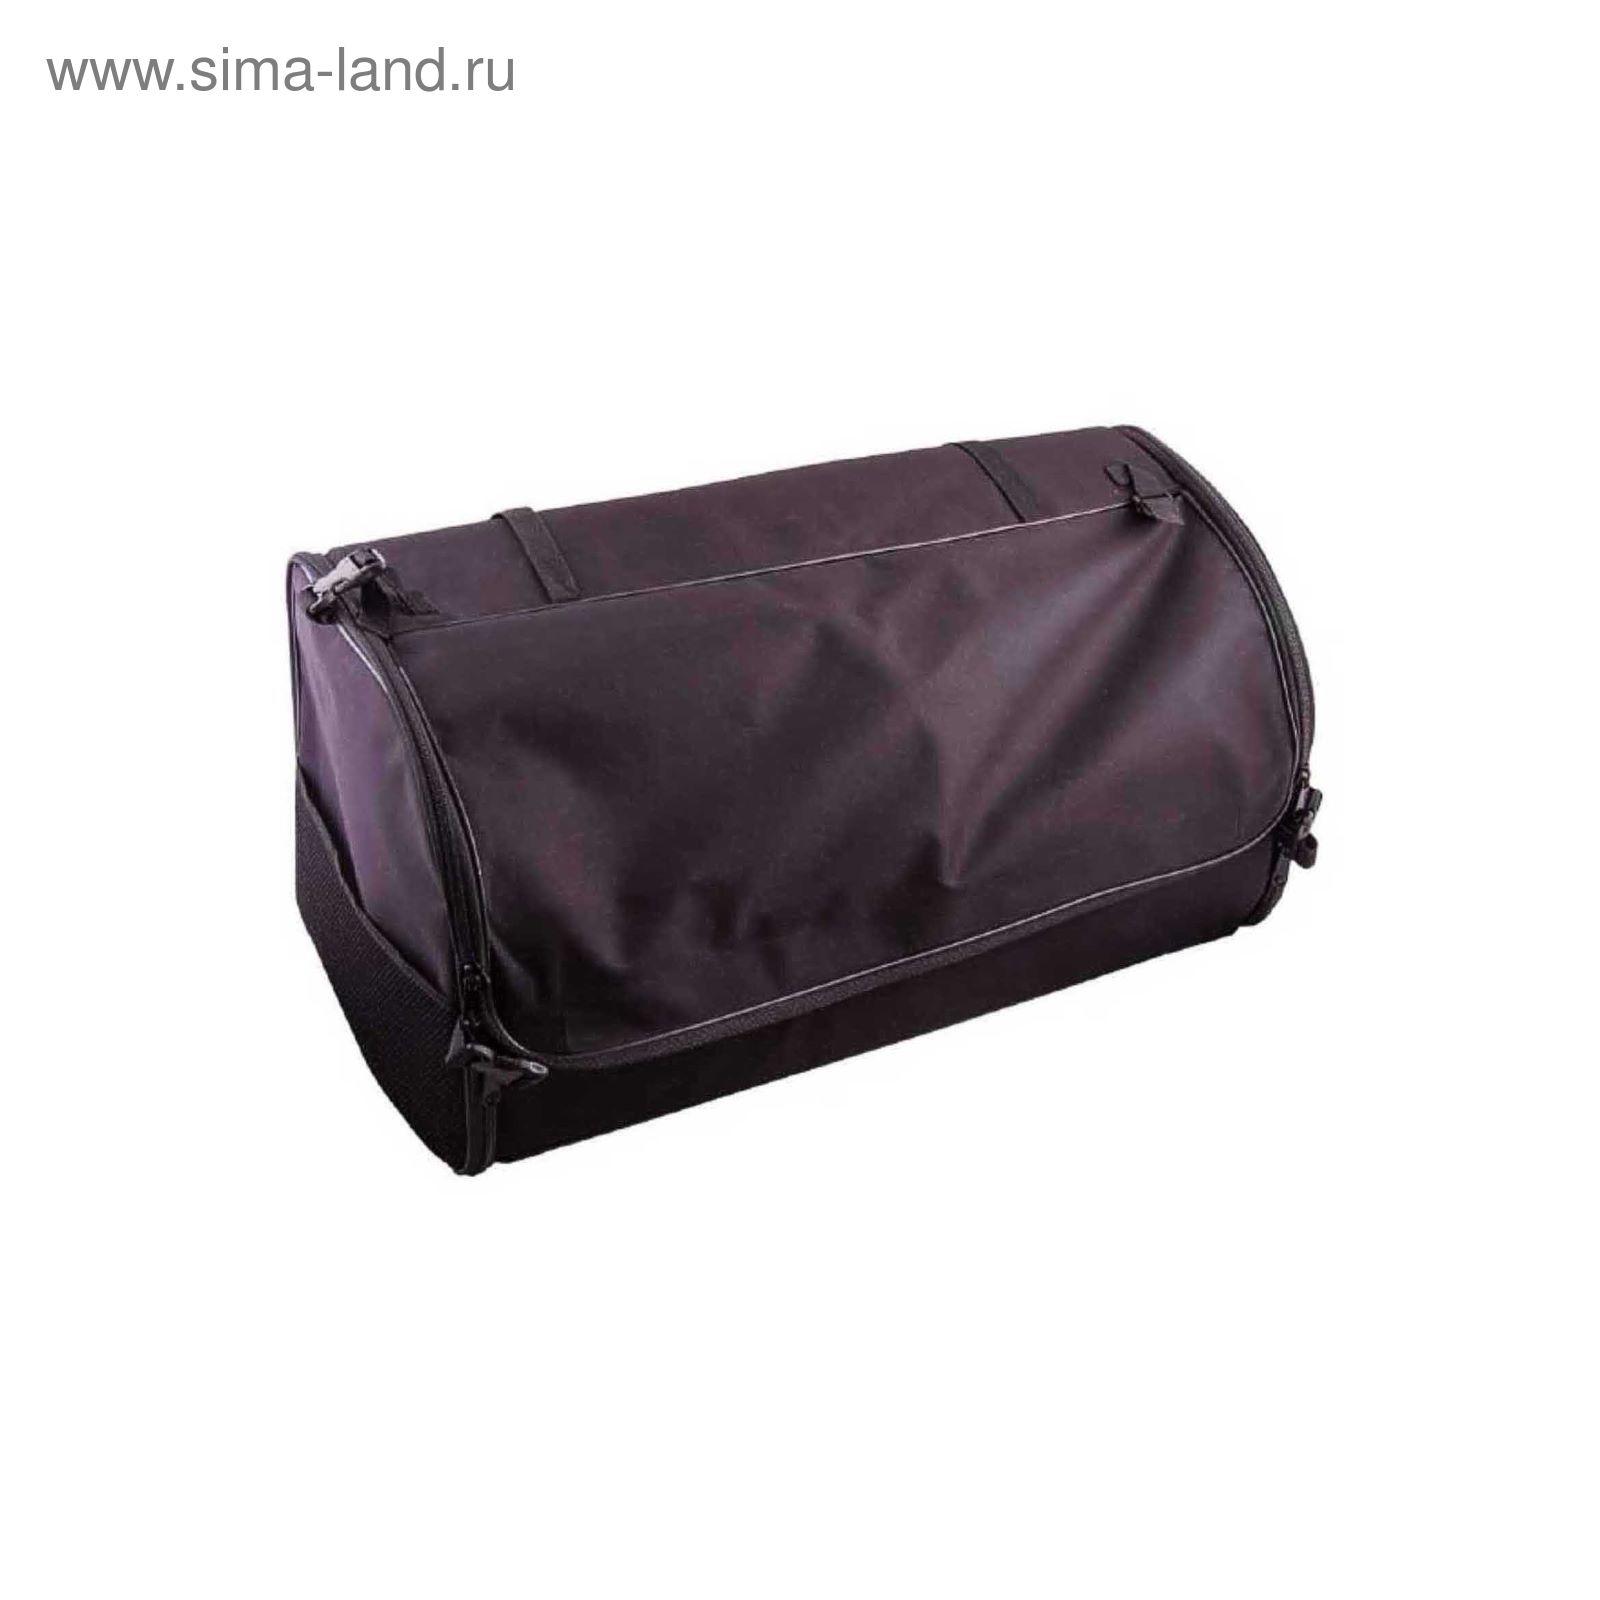 3ae26c7996aa Органайзер в багажник SKYWAY, 60х30х30 см, черный (2613401) - Купить ...